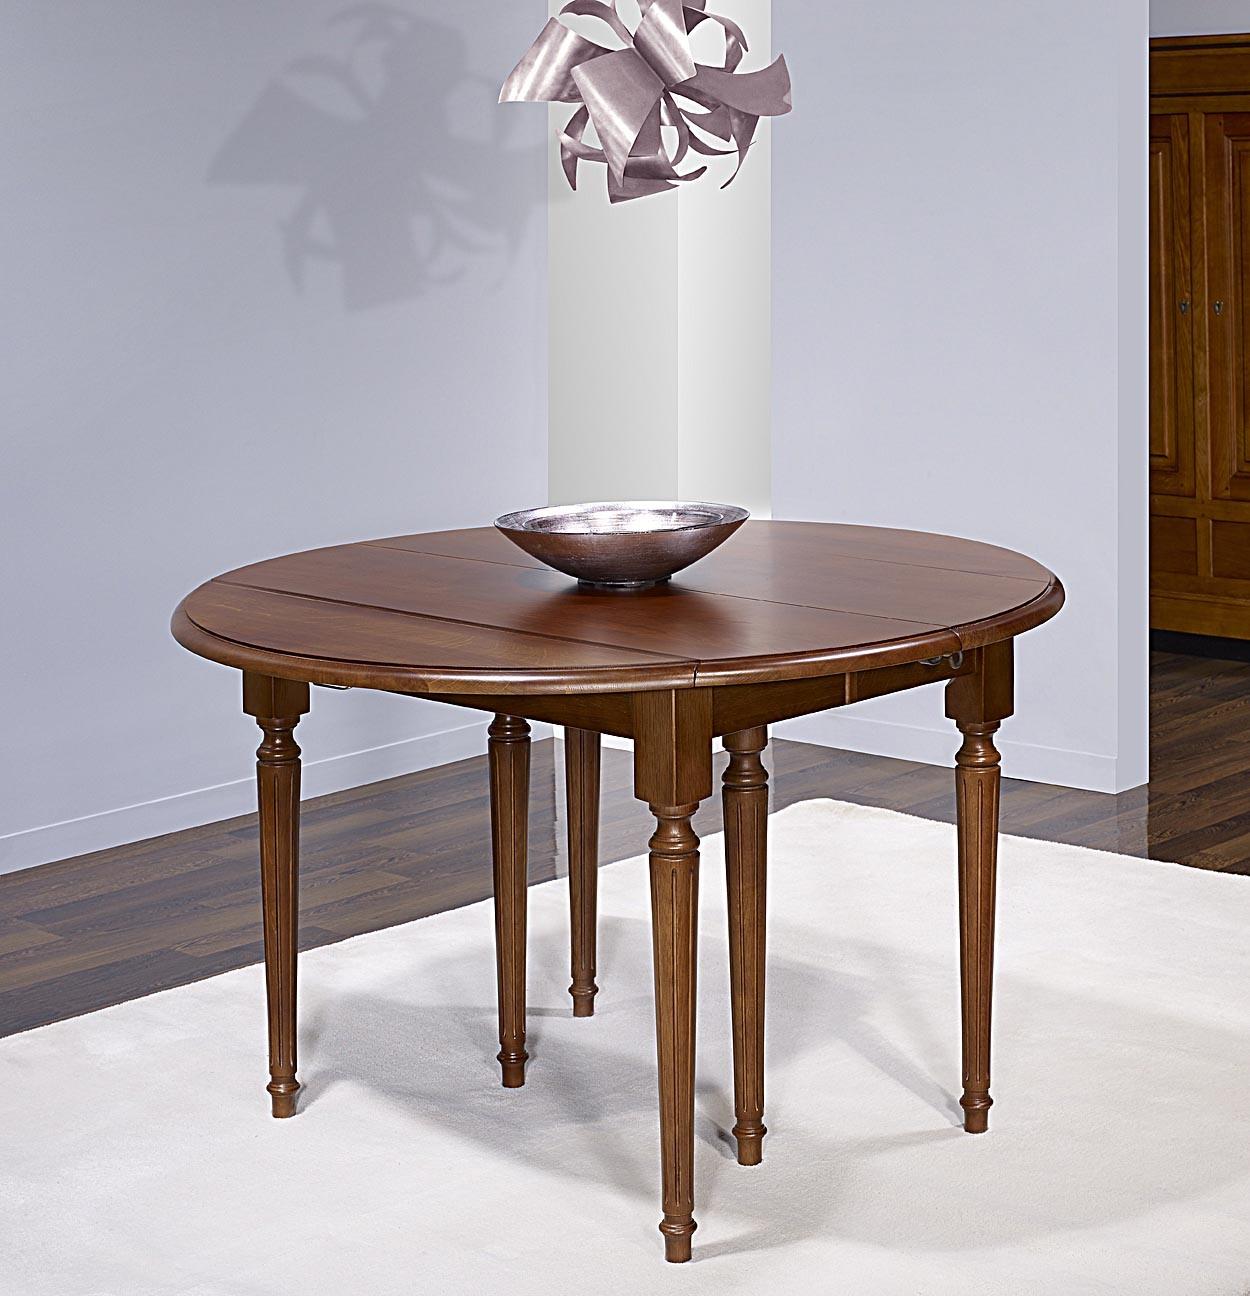 table ronde volets vera en ch ne massif de style louis xvi avec 3 allonges de 40 cm meuble. Black Bedroom Furniture Sets. Home Design Ideas